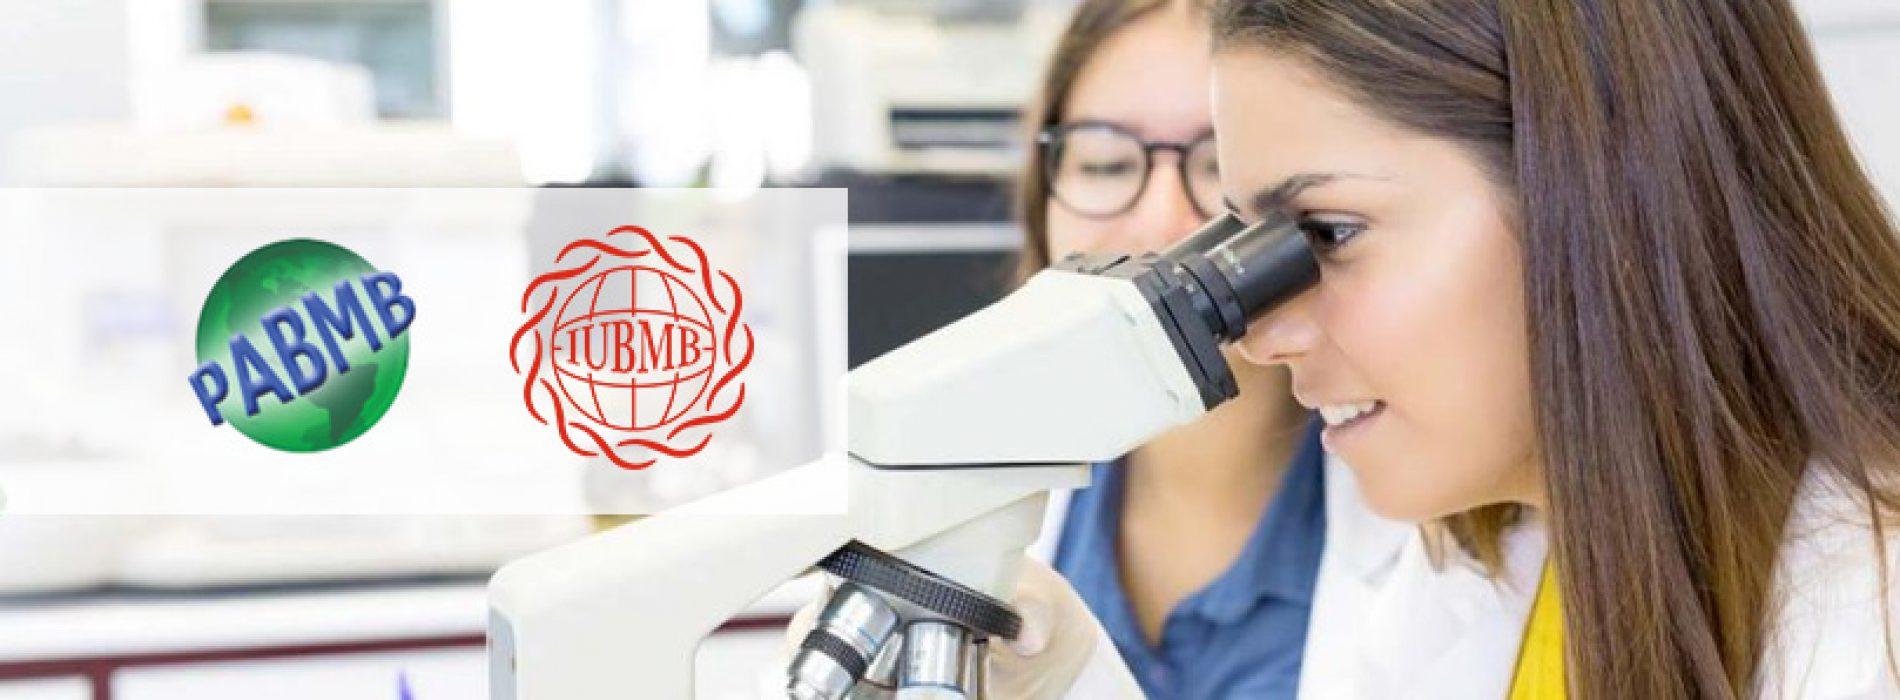 """Conoce la iniciativa """"Women in science"""" de la PABMB"""